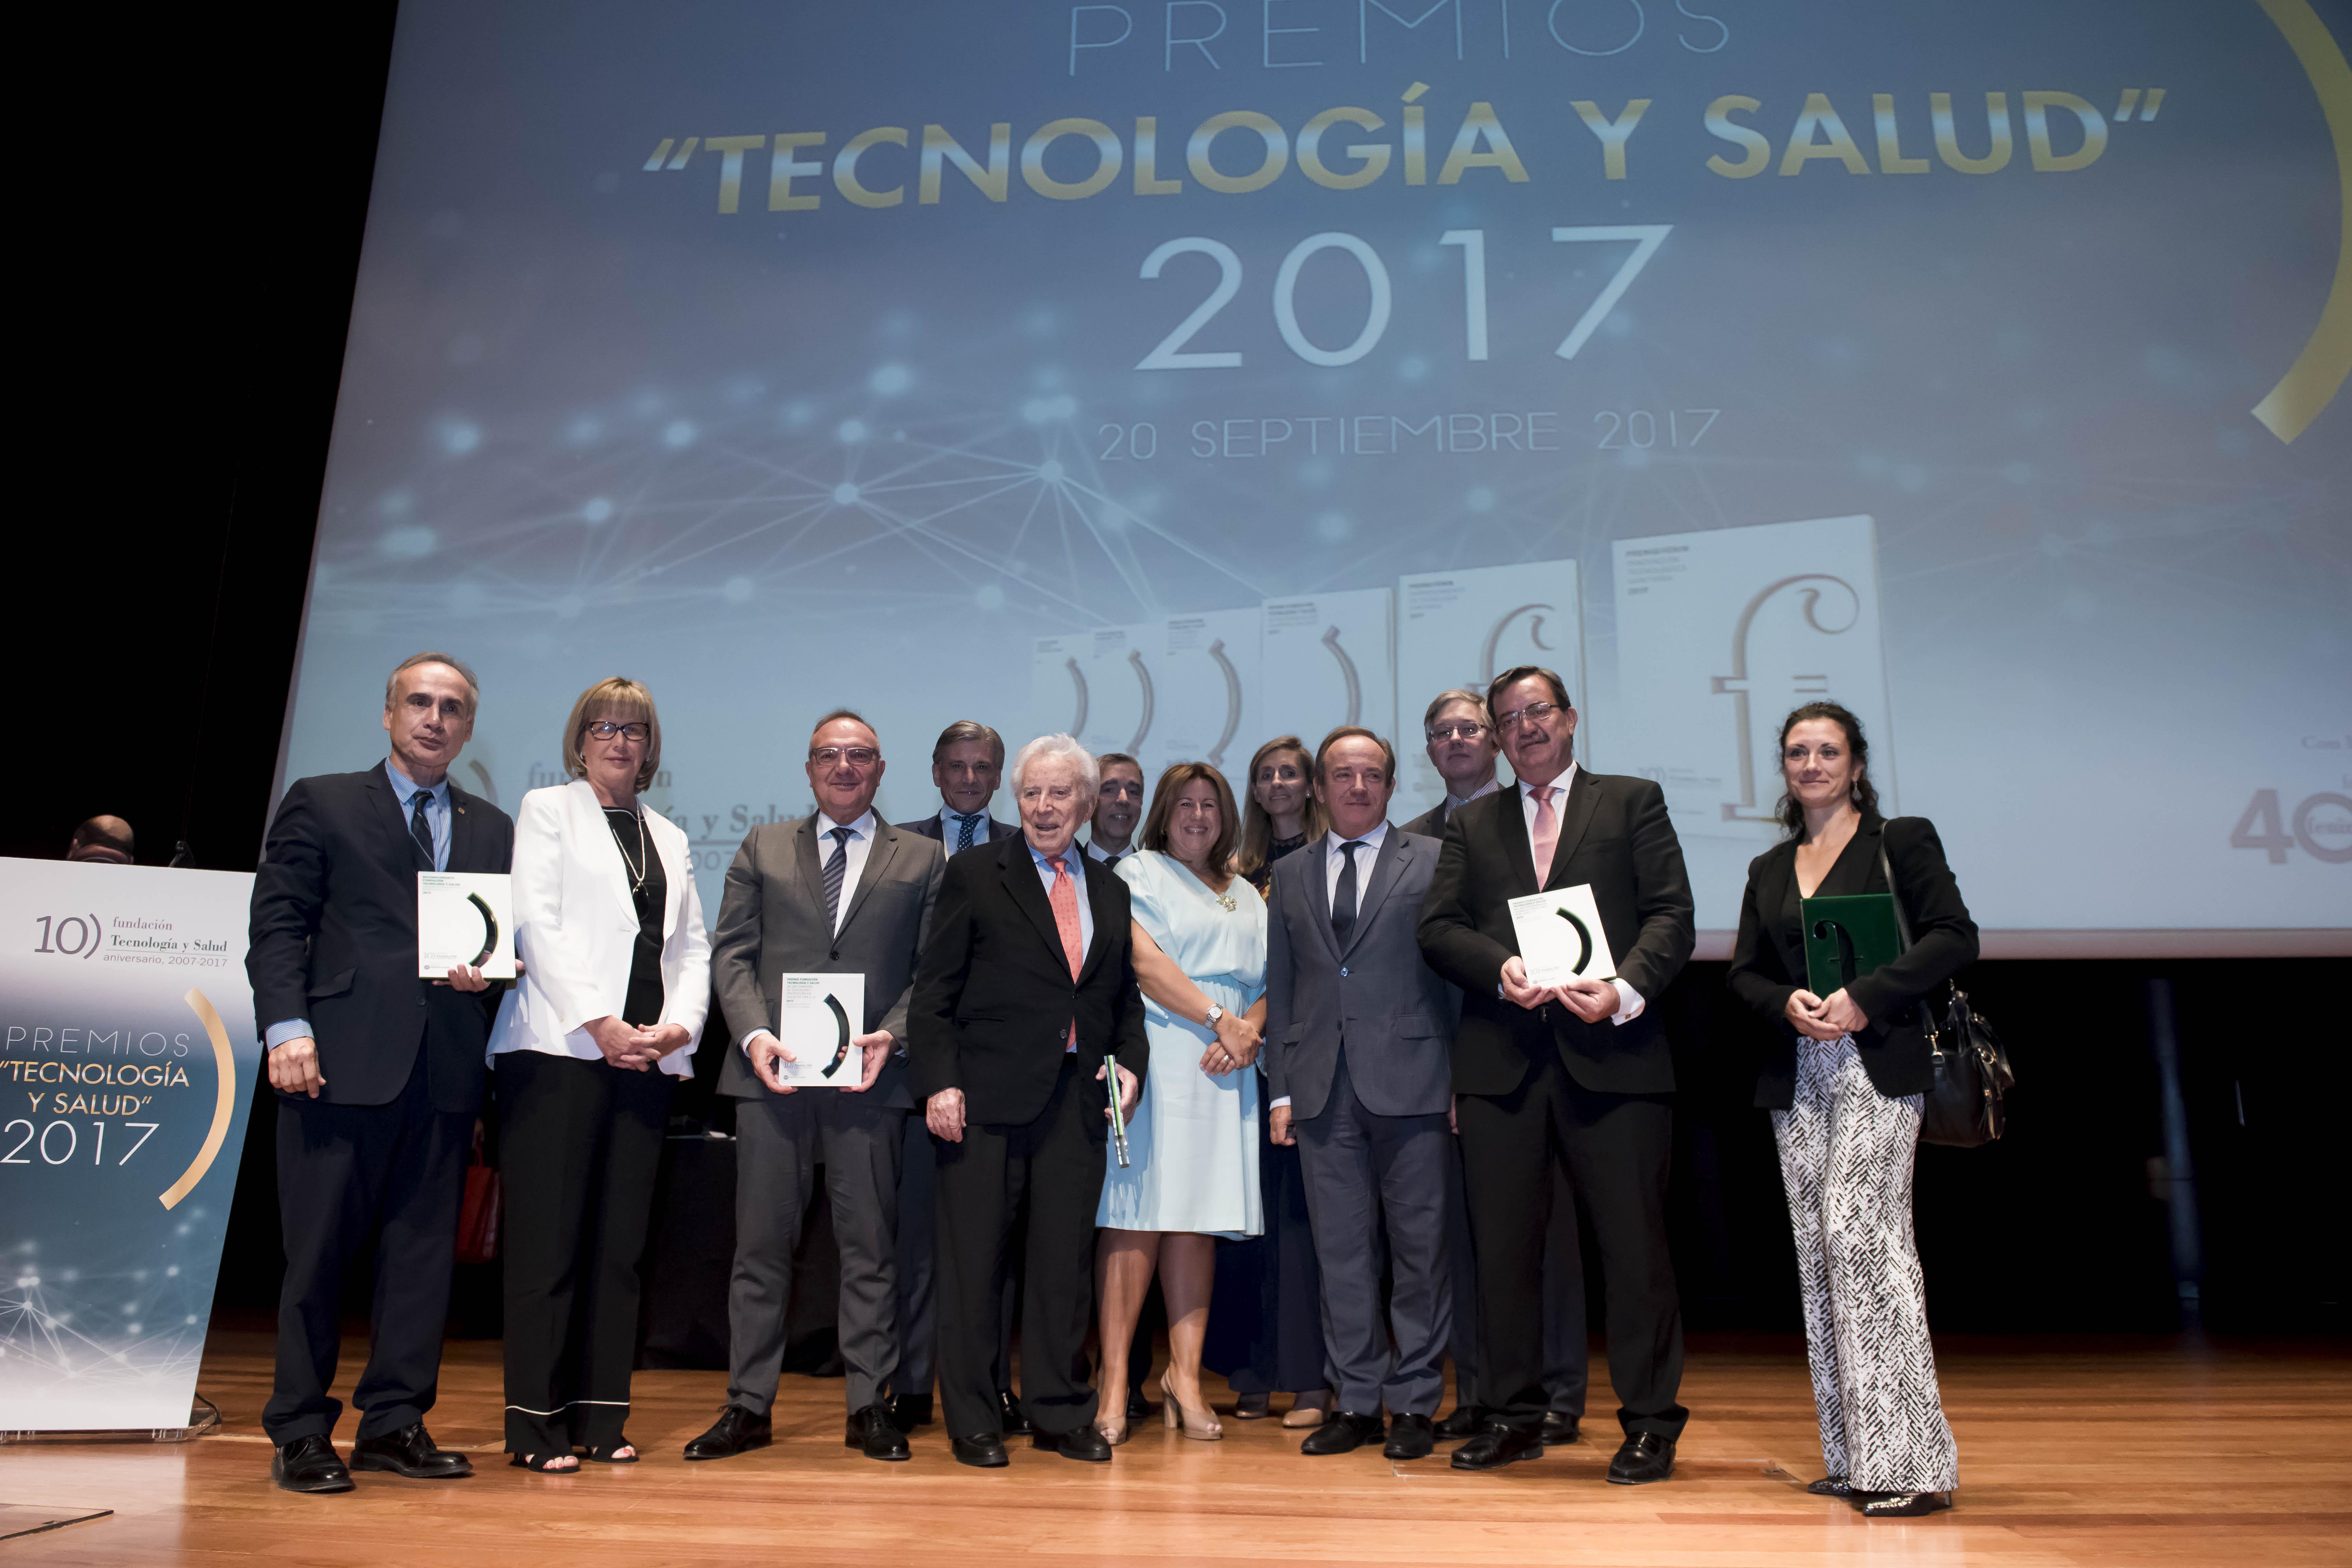 """La Fundación Tecnología y Salud, en su X Aniversario, entrega los """"Premios Tecnología y Salud 2017�"""